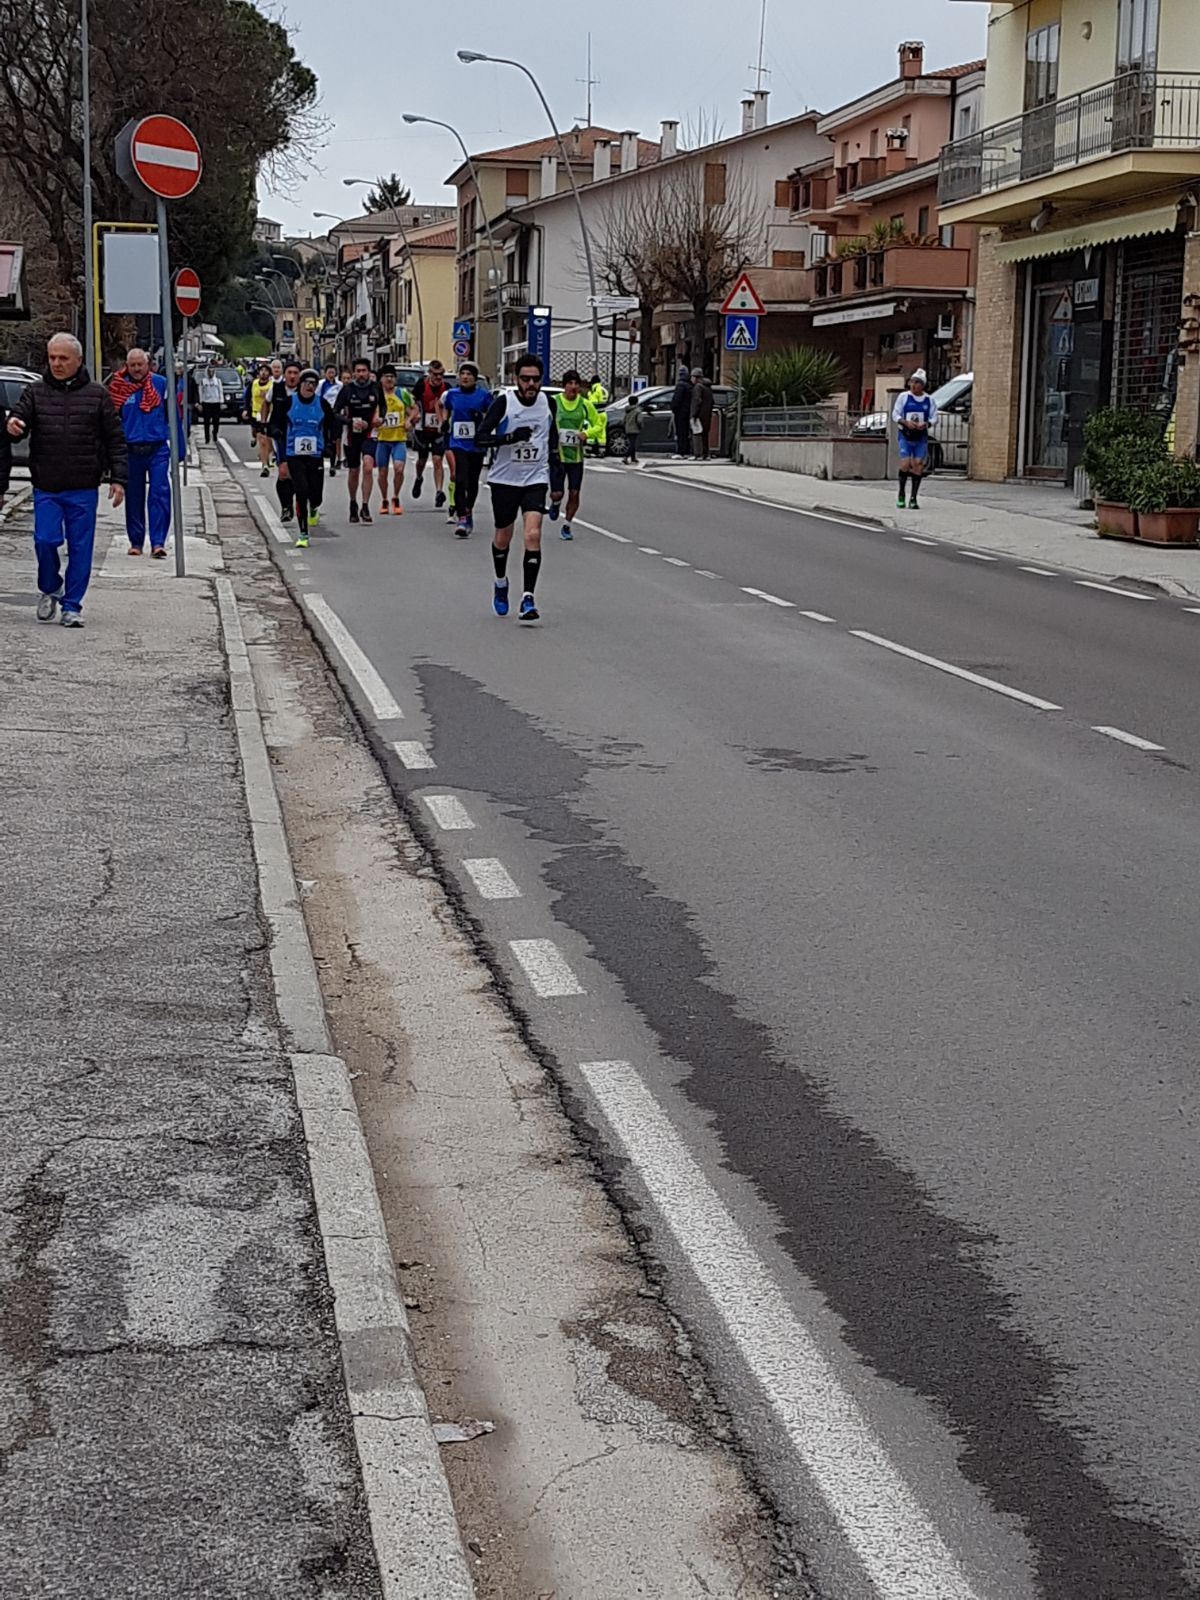 Corridonia  2018-03-18 at 13.49.04